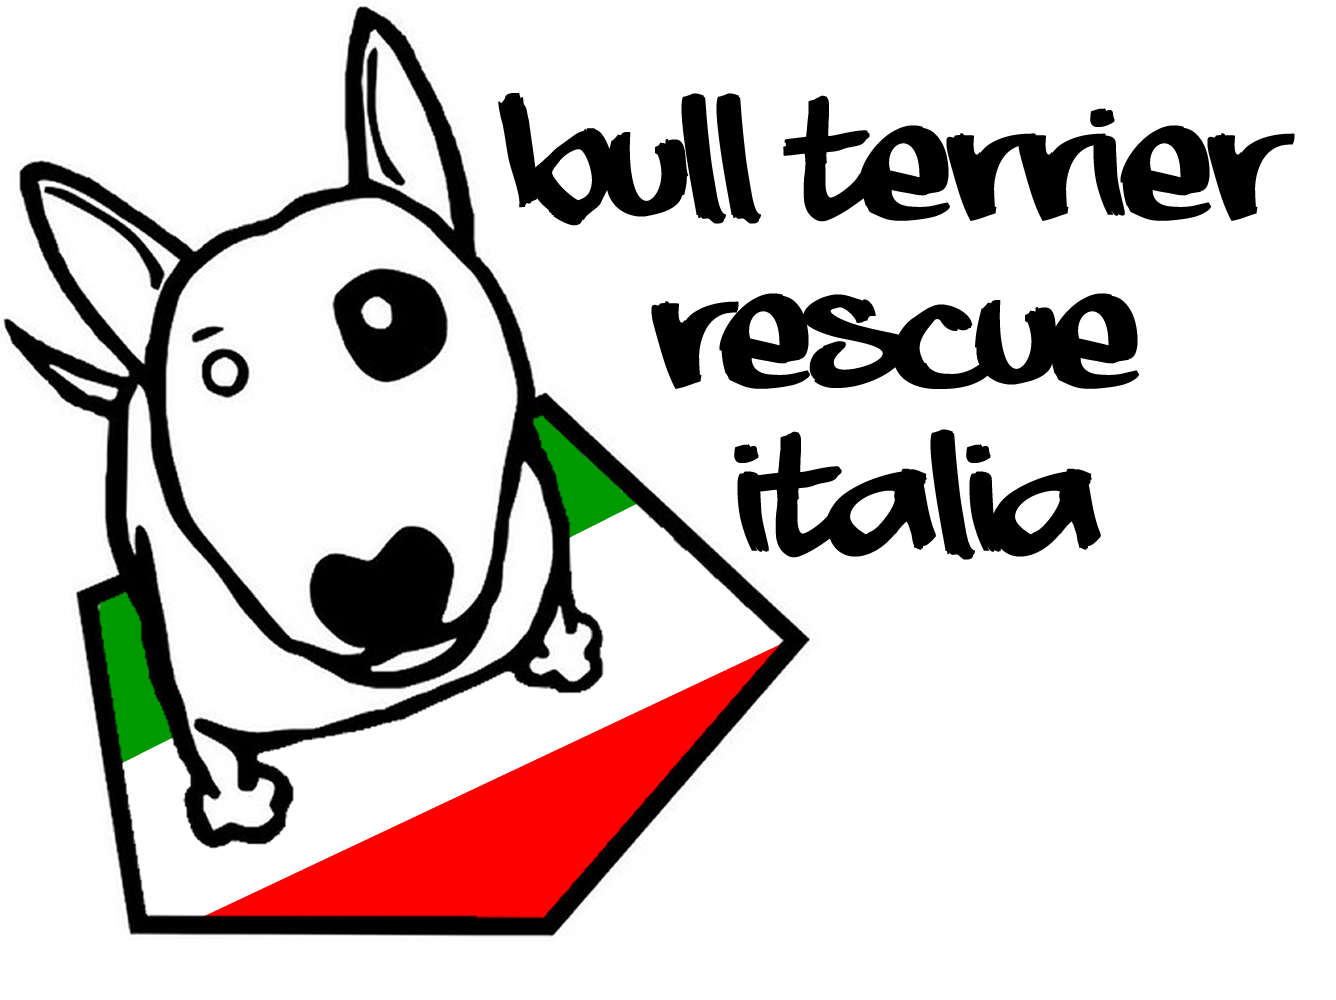 Bull Terrier Rescue Italia